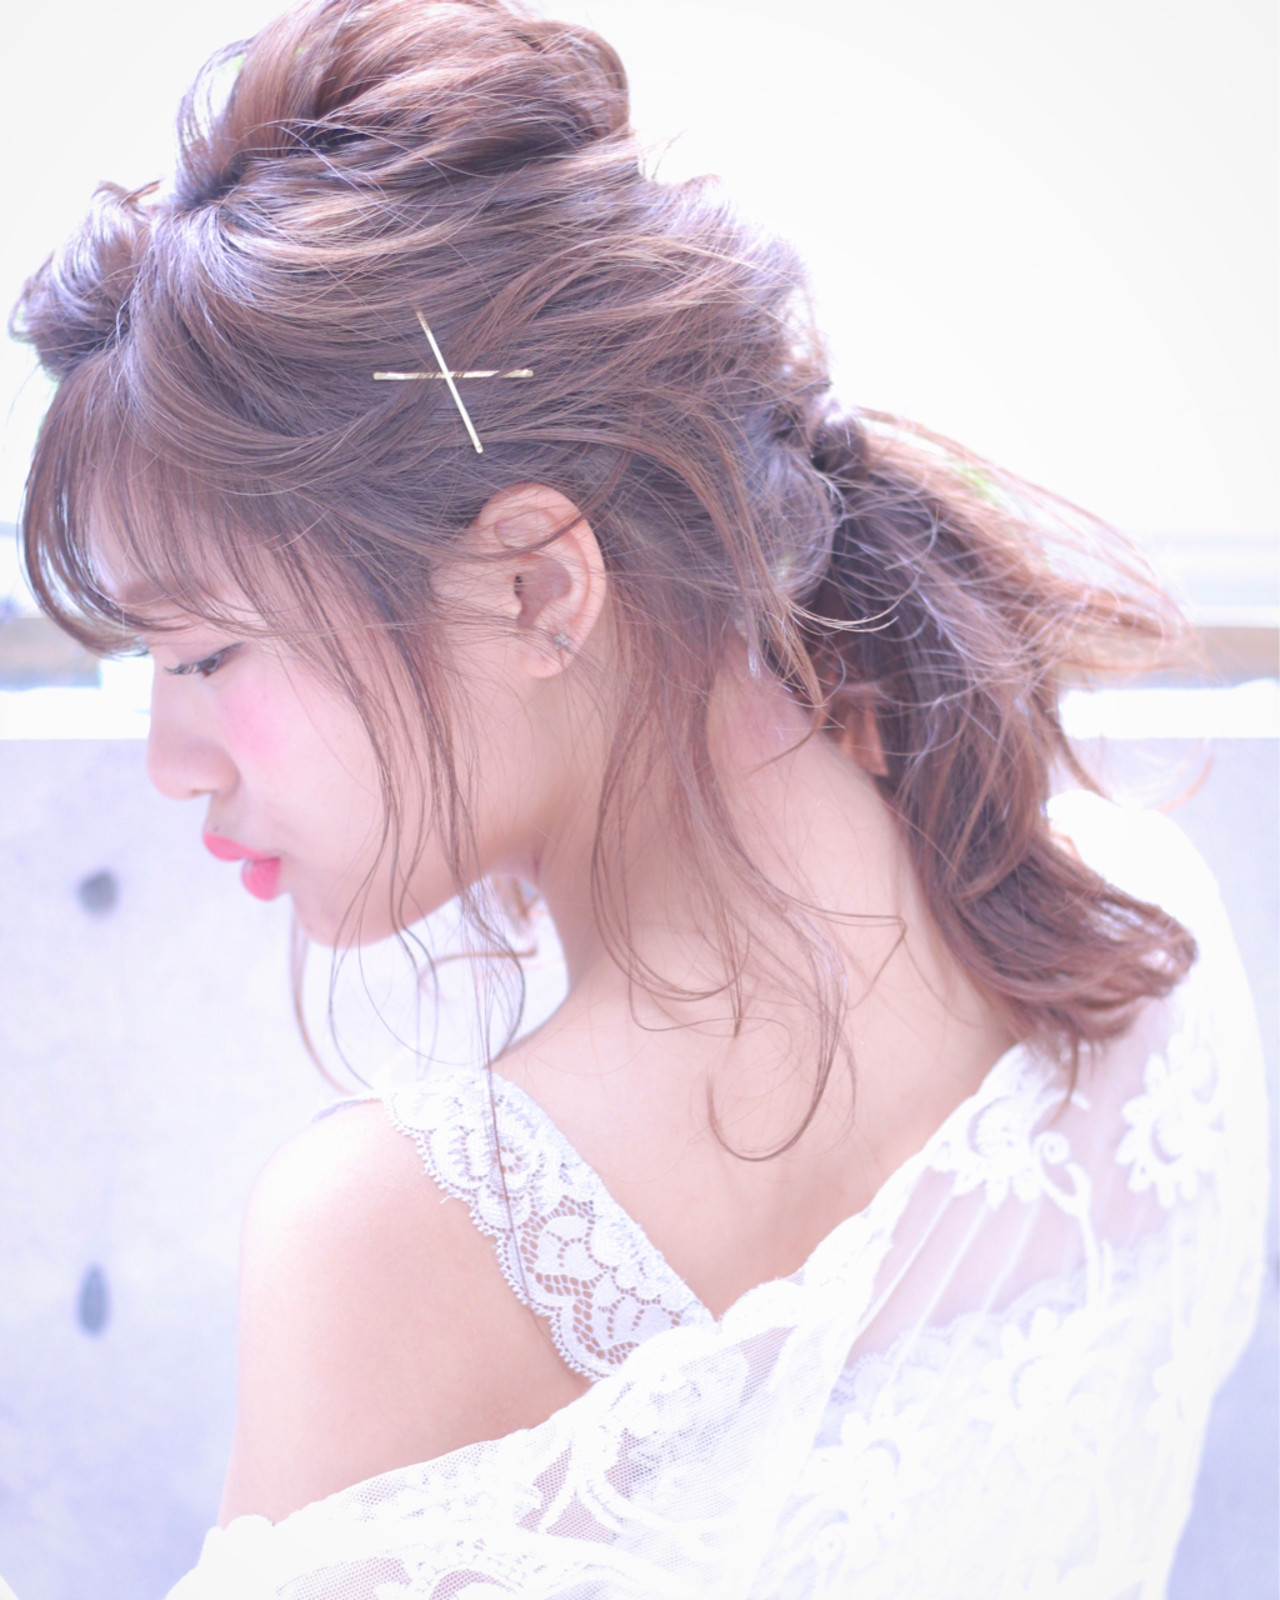 ロマンチック♡大人かわいい前髪ありポニー Wataru Maeda